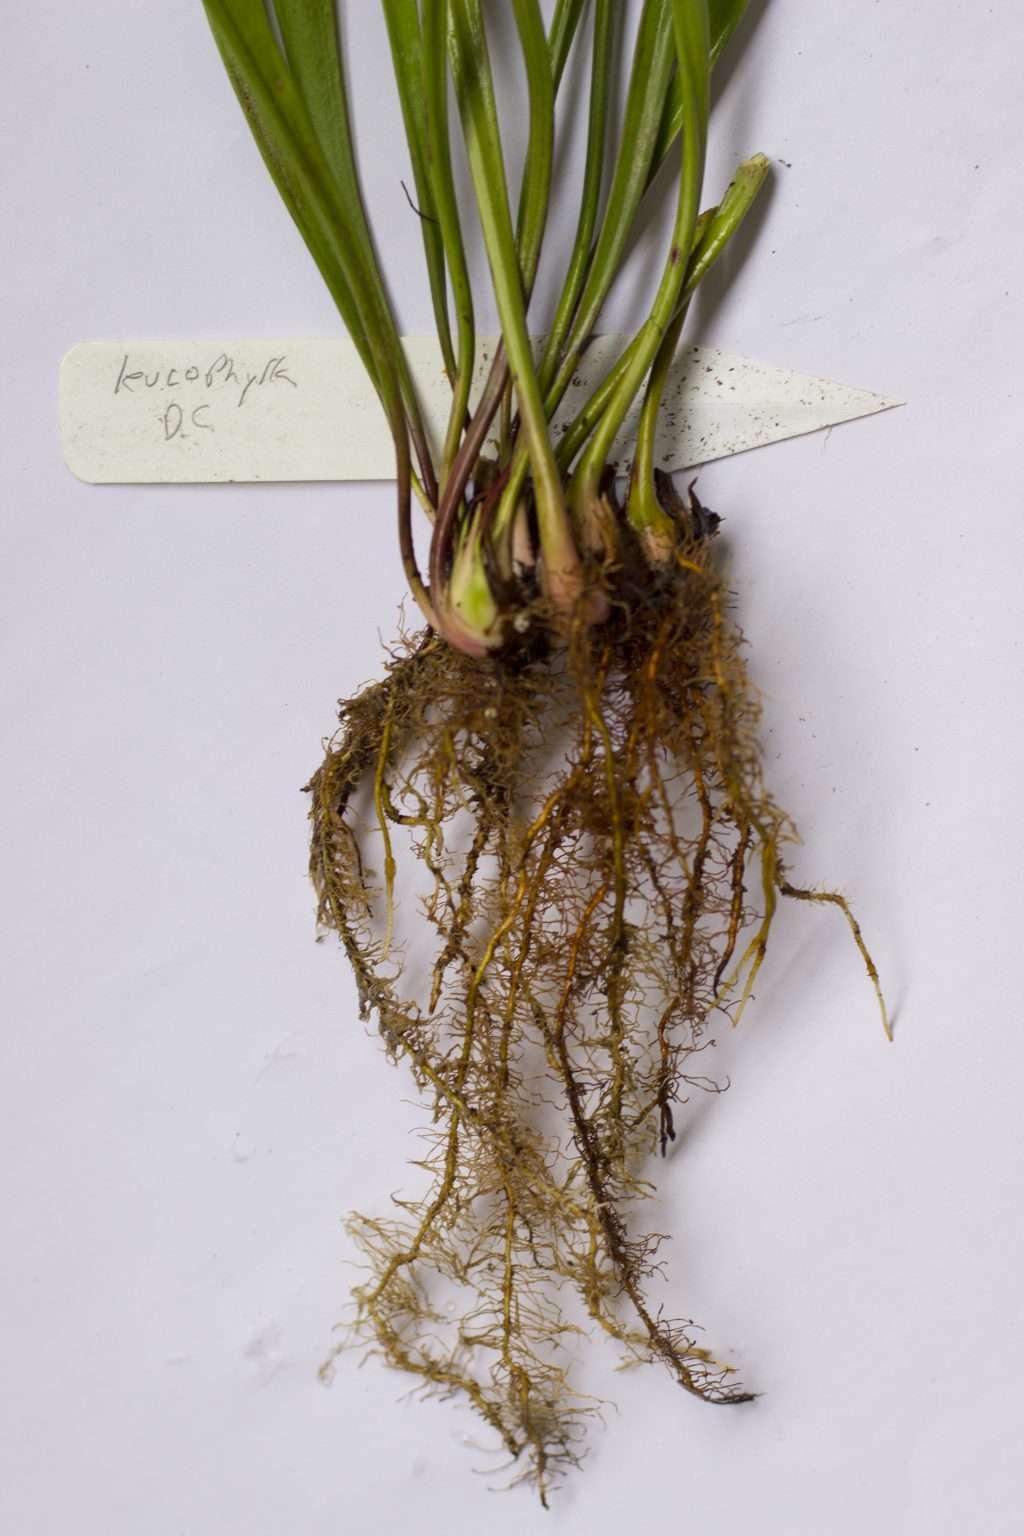 Sarracenia division